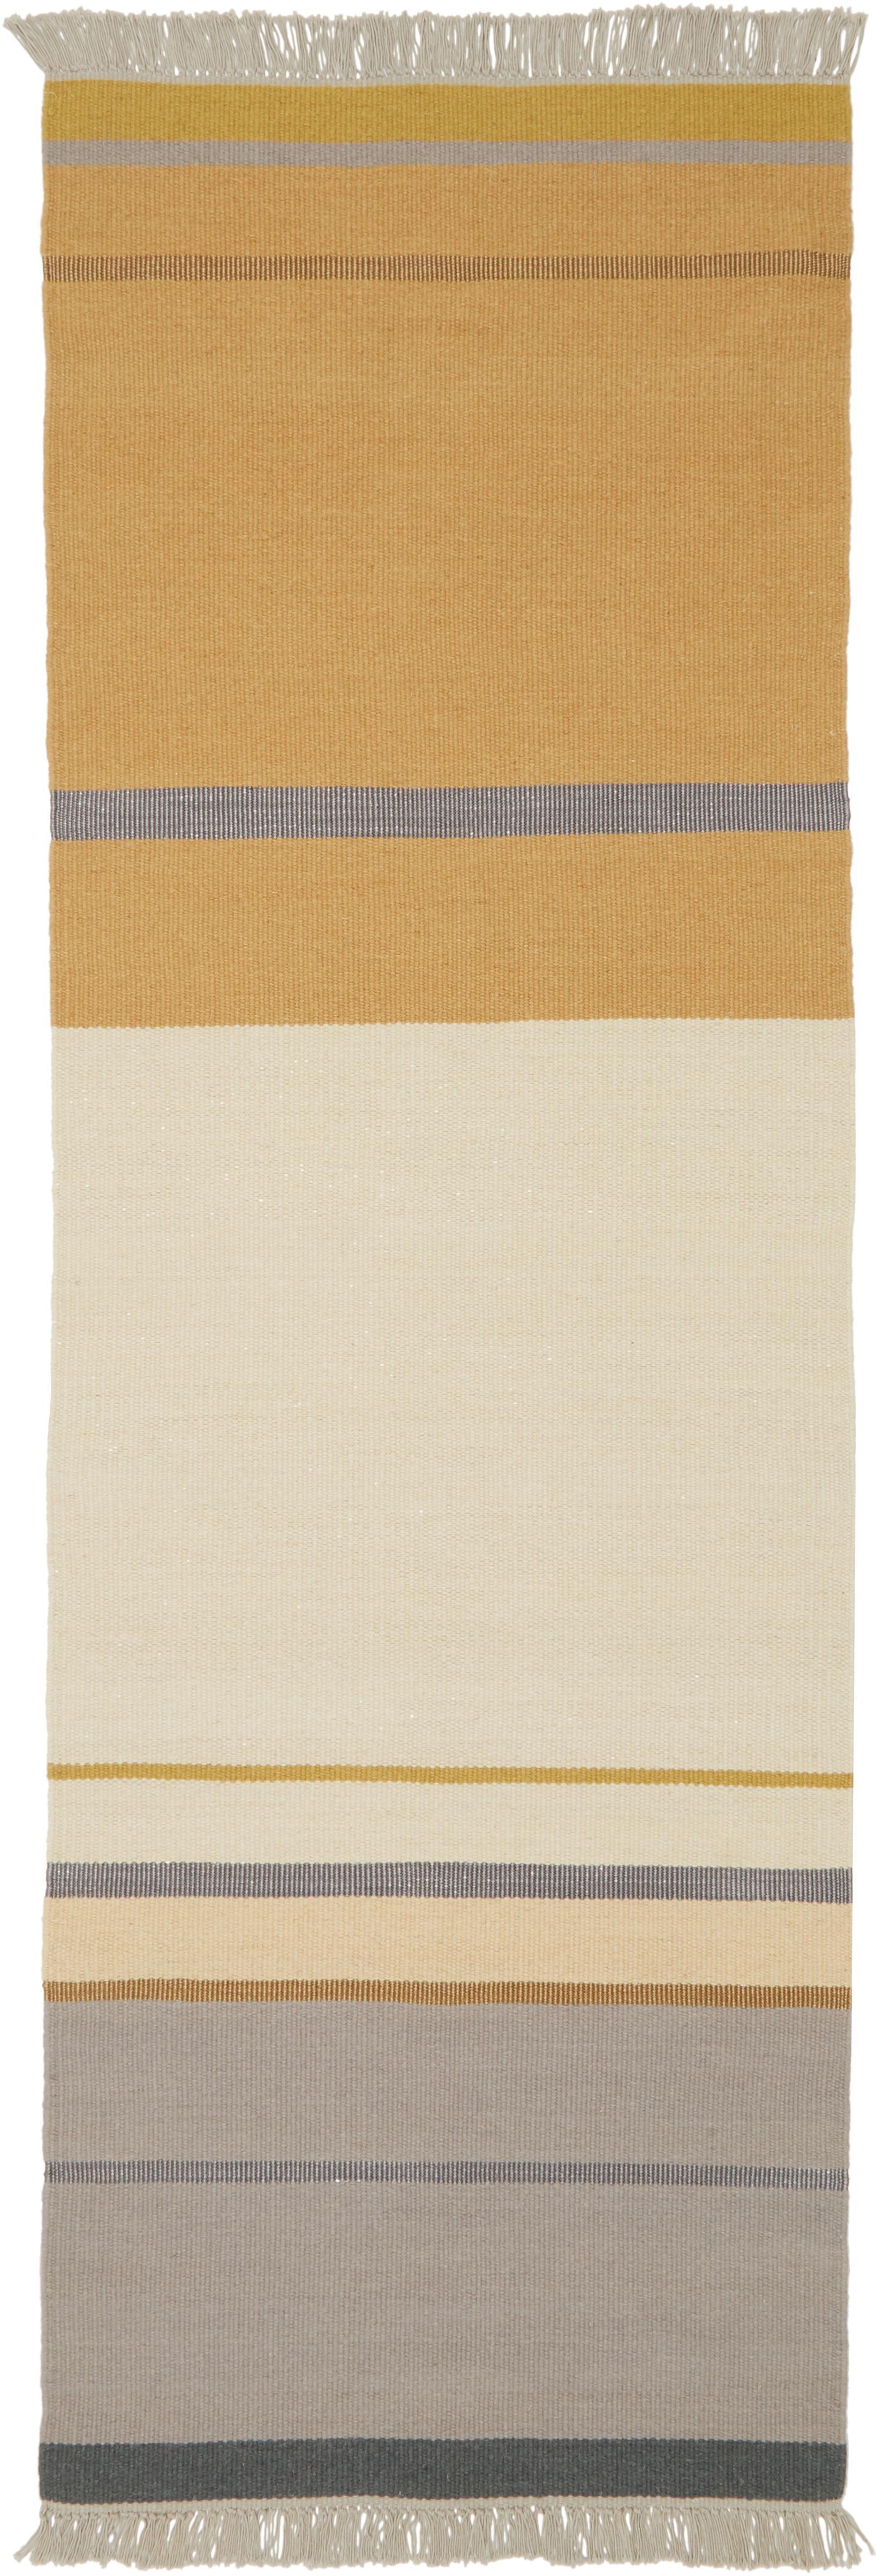 Ręcznie tkany chodnik z wełny z frędzlami Metallum, Wielobarwny, S 80 x D 250 cm